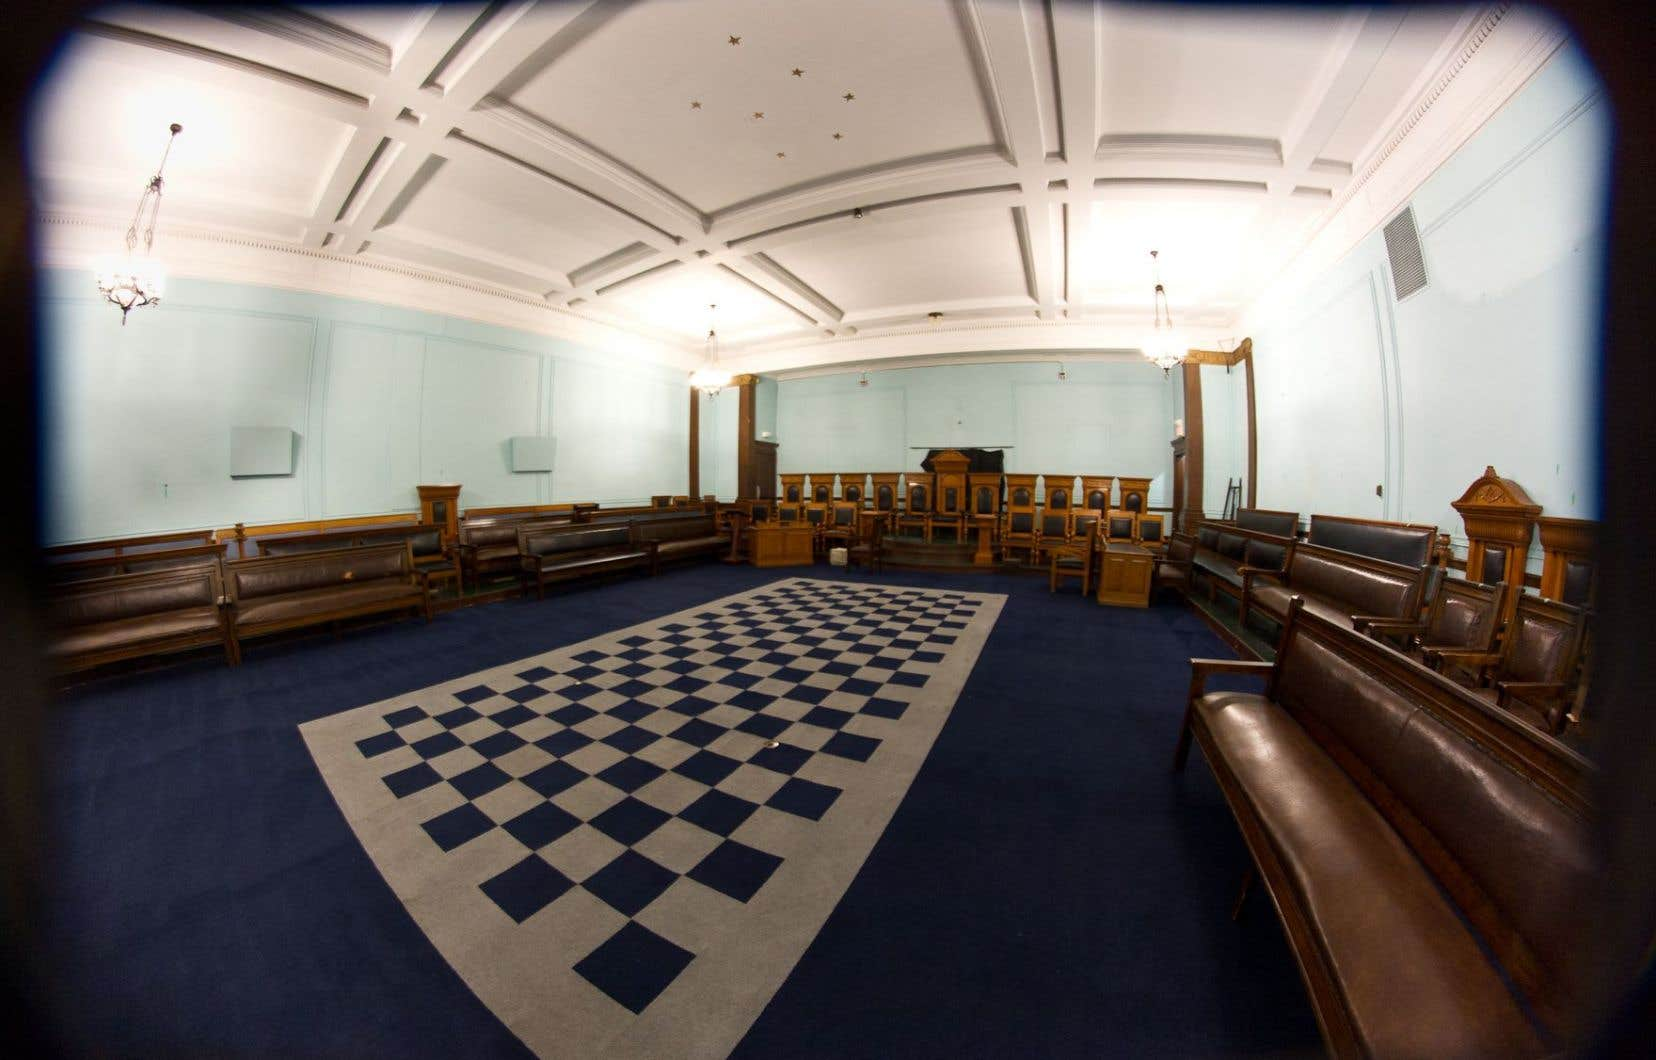 Des travaux de restauration sont en cours. Des tableaux ont été retirés des murs. Restent les meubles en chêne, de grands tapis en échiquier, les plafonds étoilés de l'Antiquité grecque.